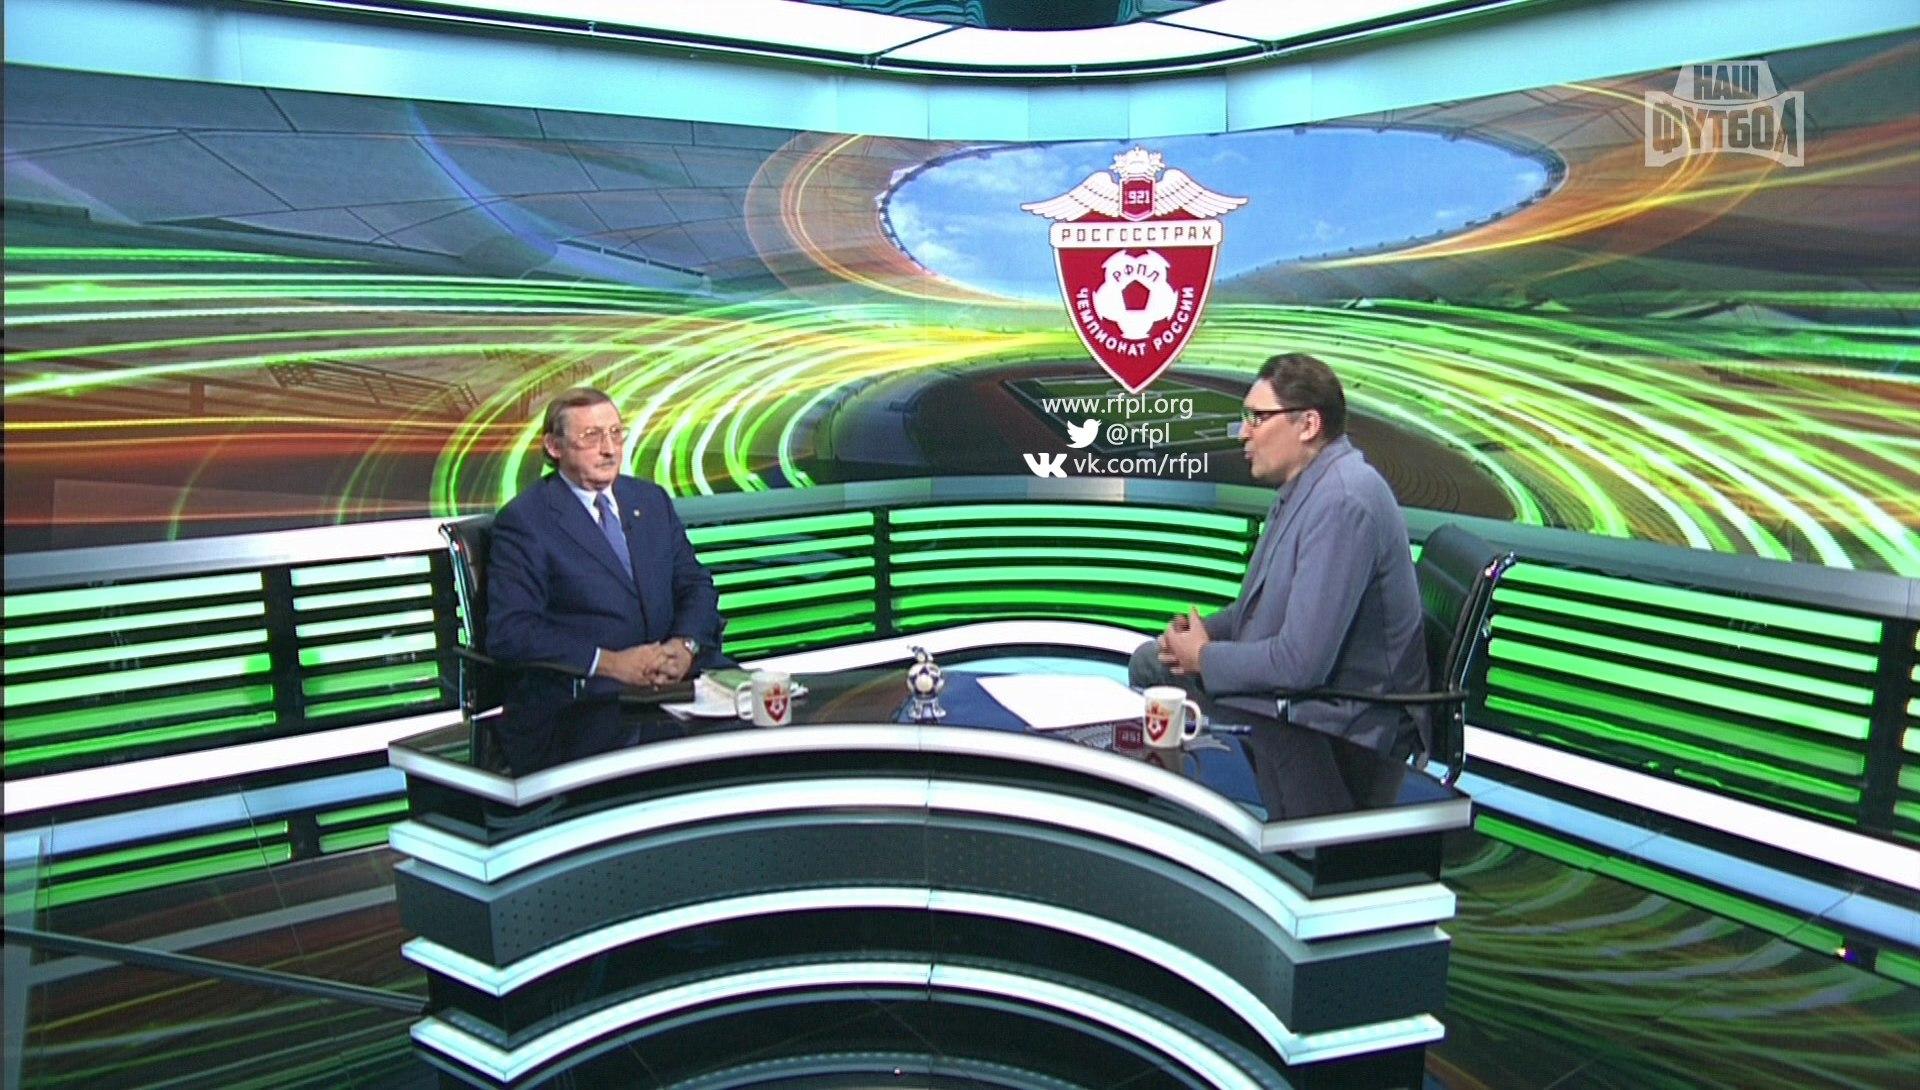 Кадры из фильма анжи мордовия наш футбол смотреть онлайн прямой эфир